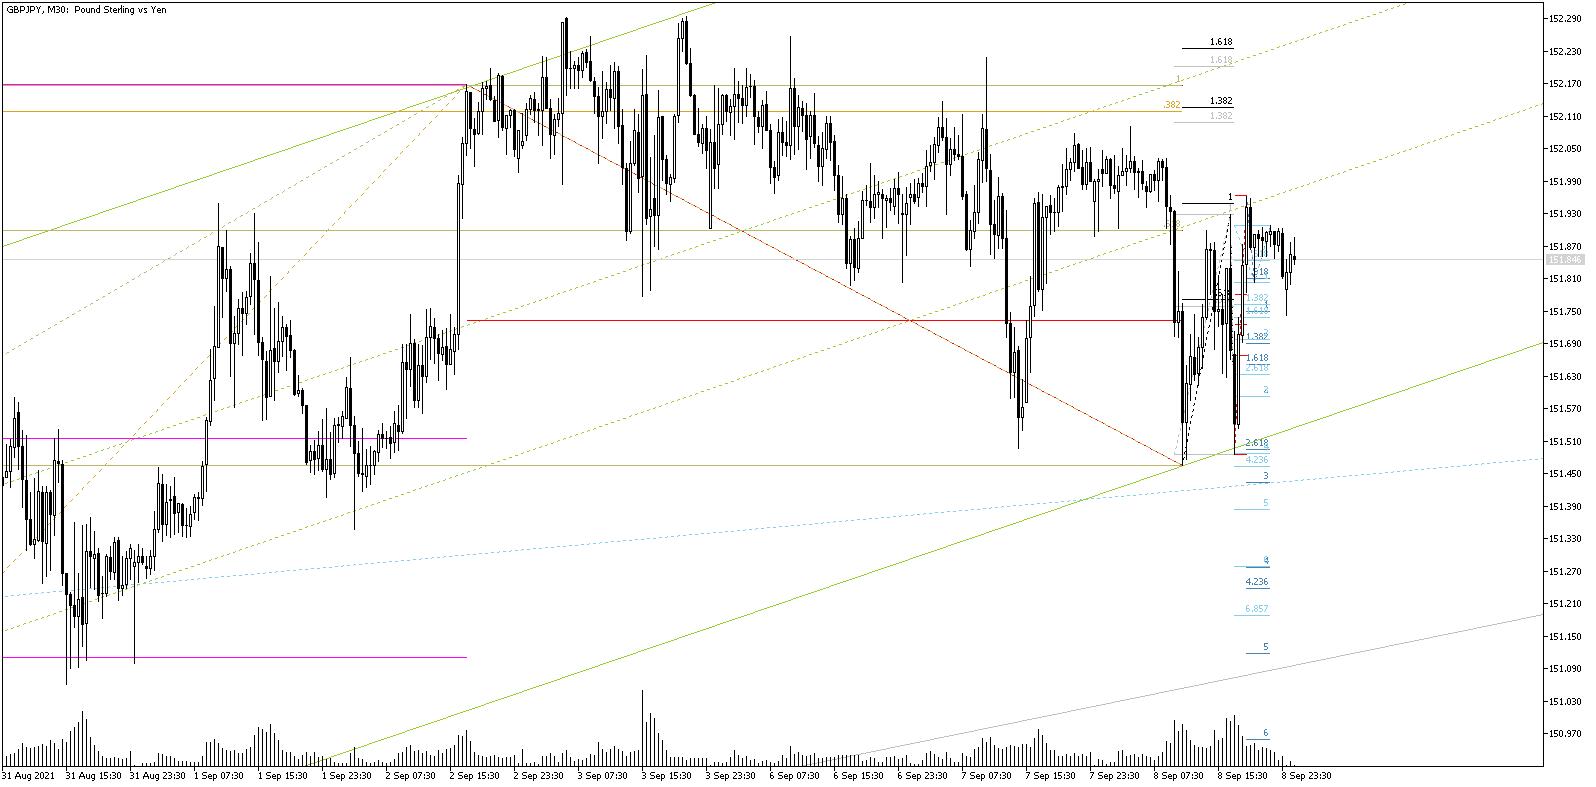 20210909gbpjpym30